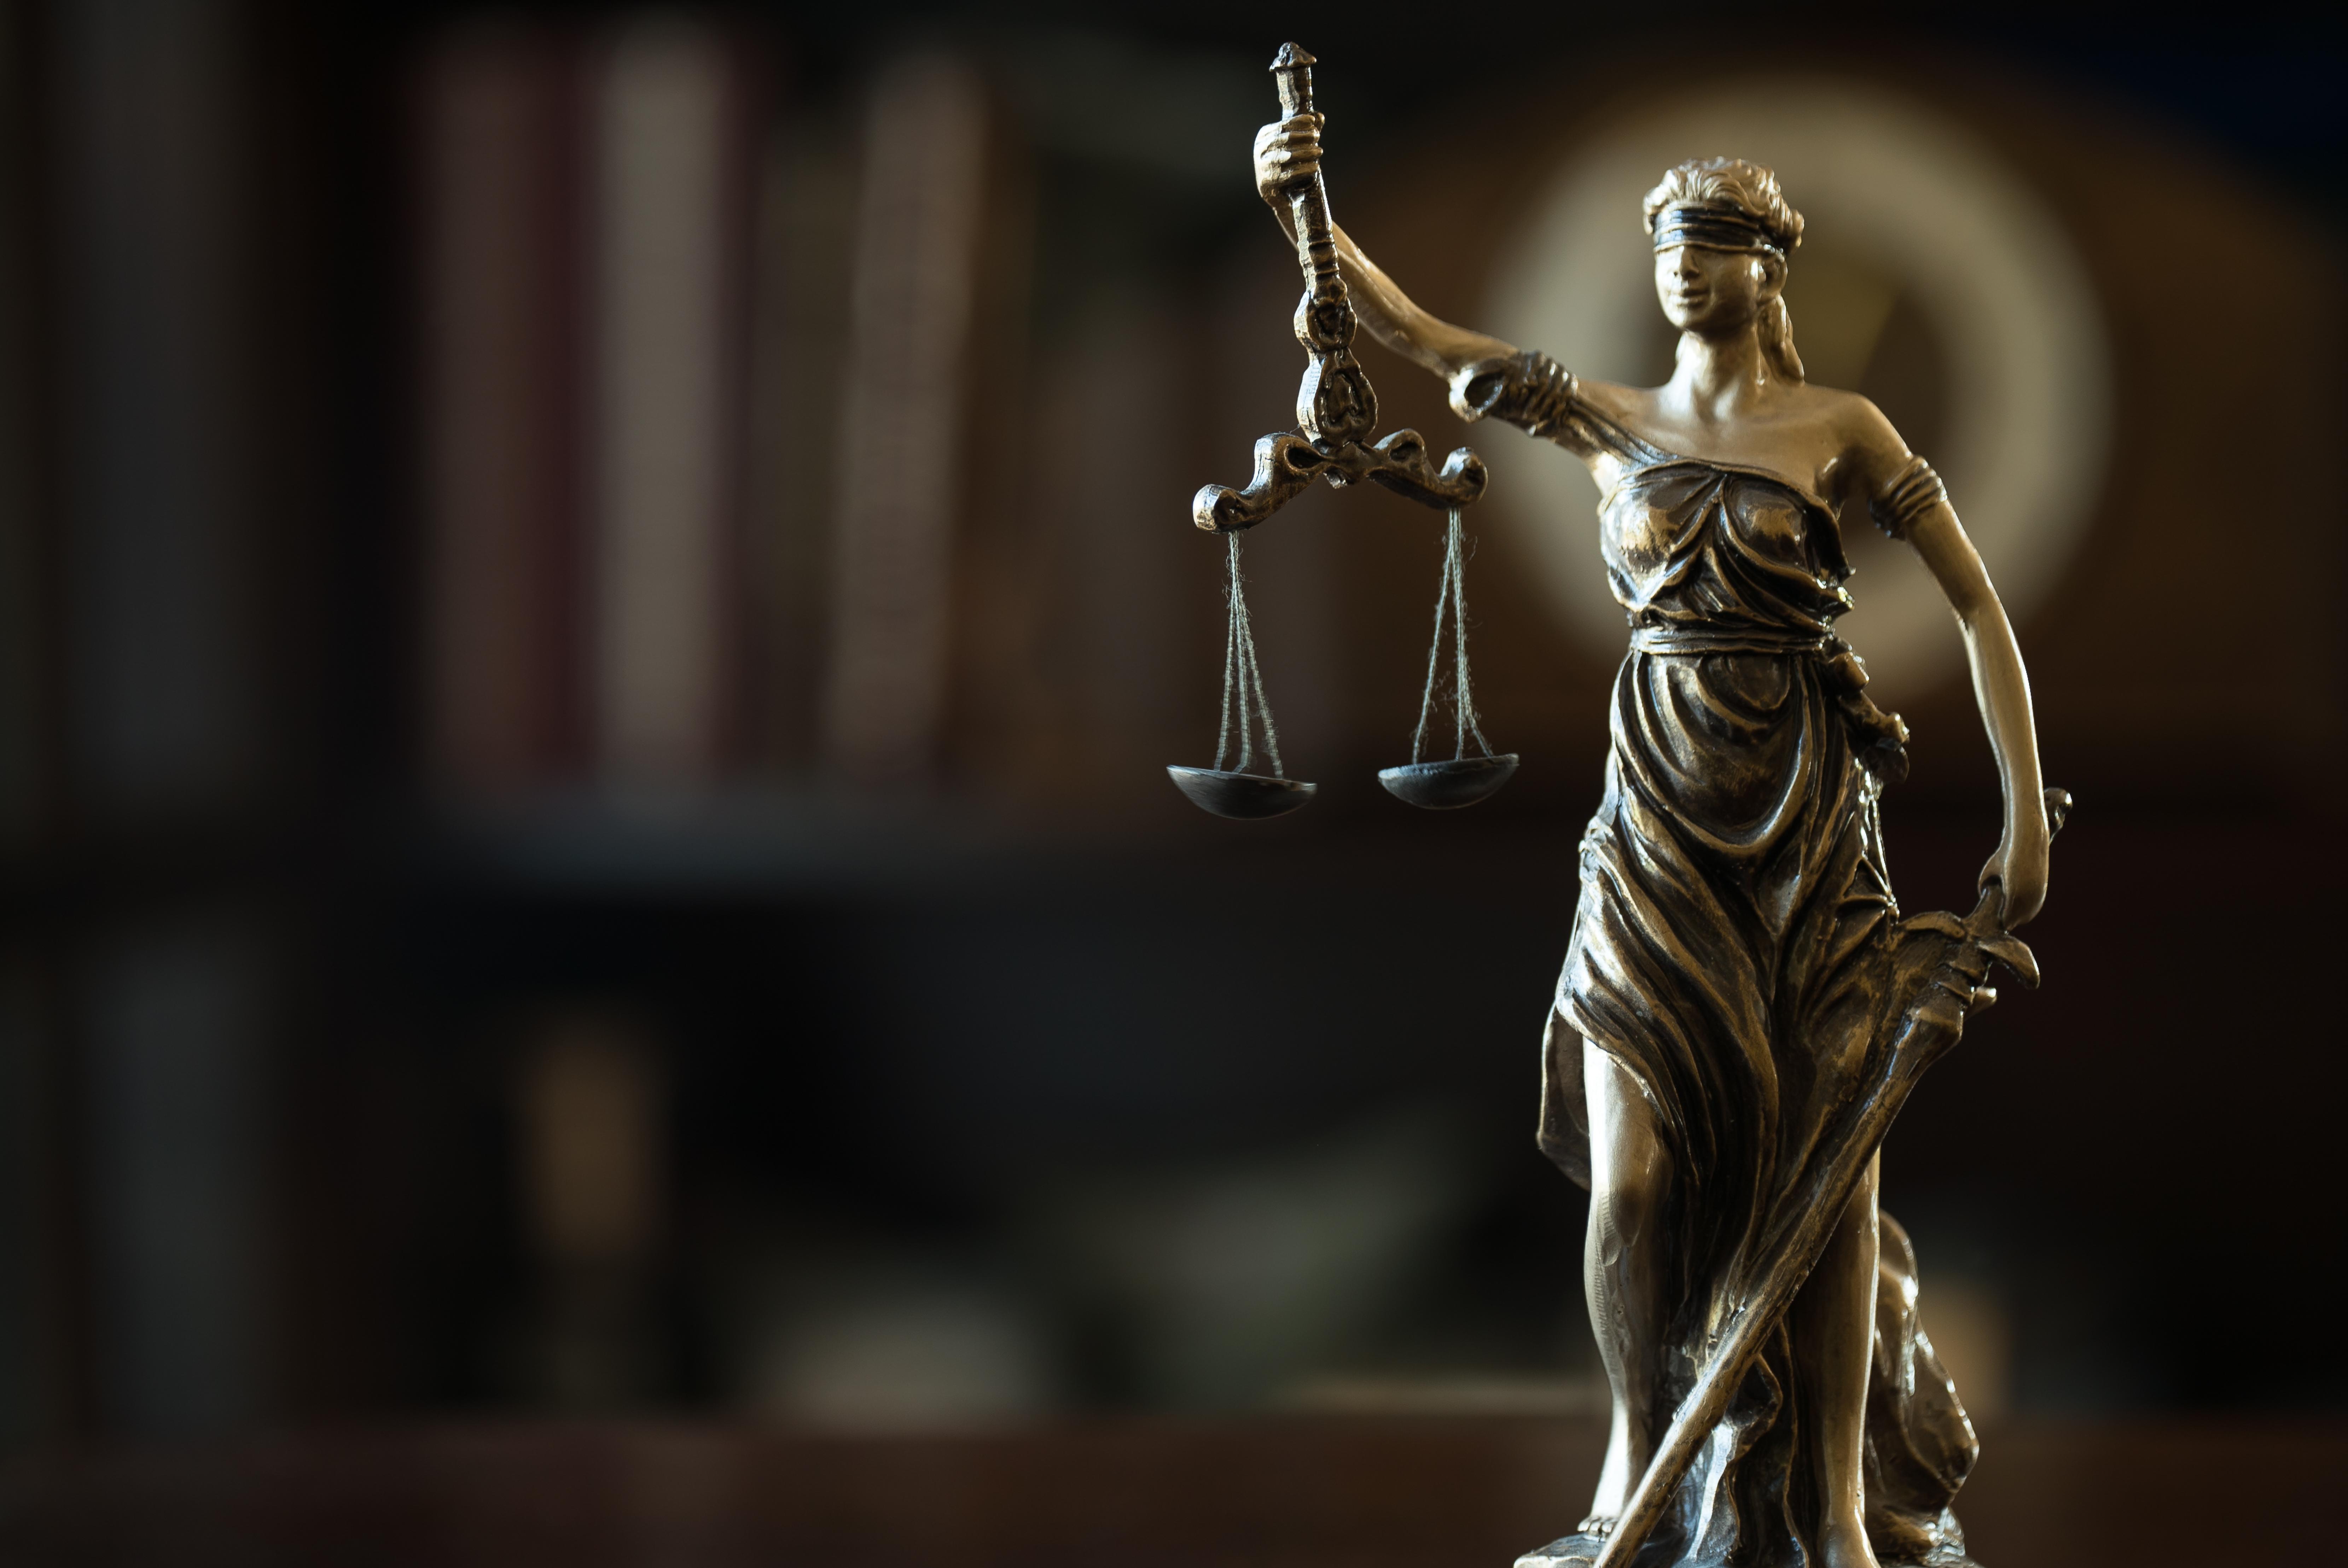 Komornik Sądowy przy Sądzie Rejonowym Szczecin-Prawobrzeże i Zachód w Szczecinie Adam Krawczyk